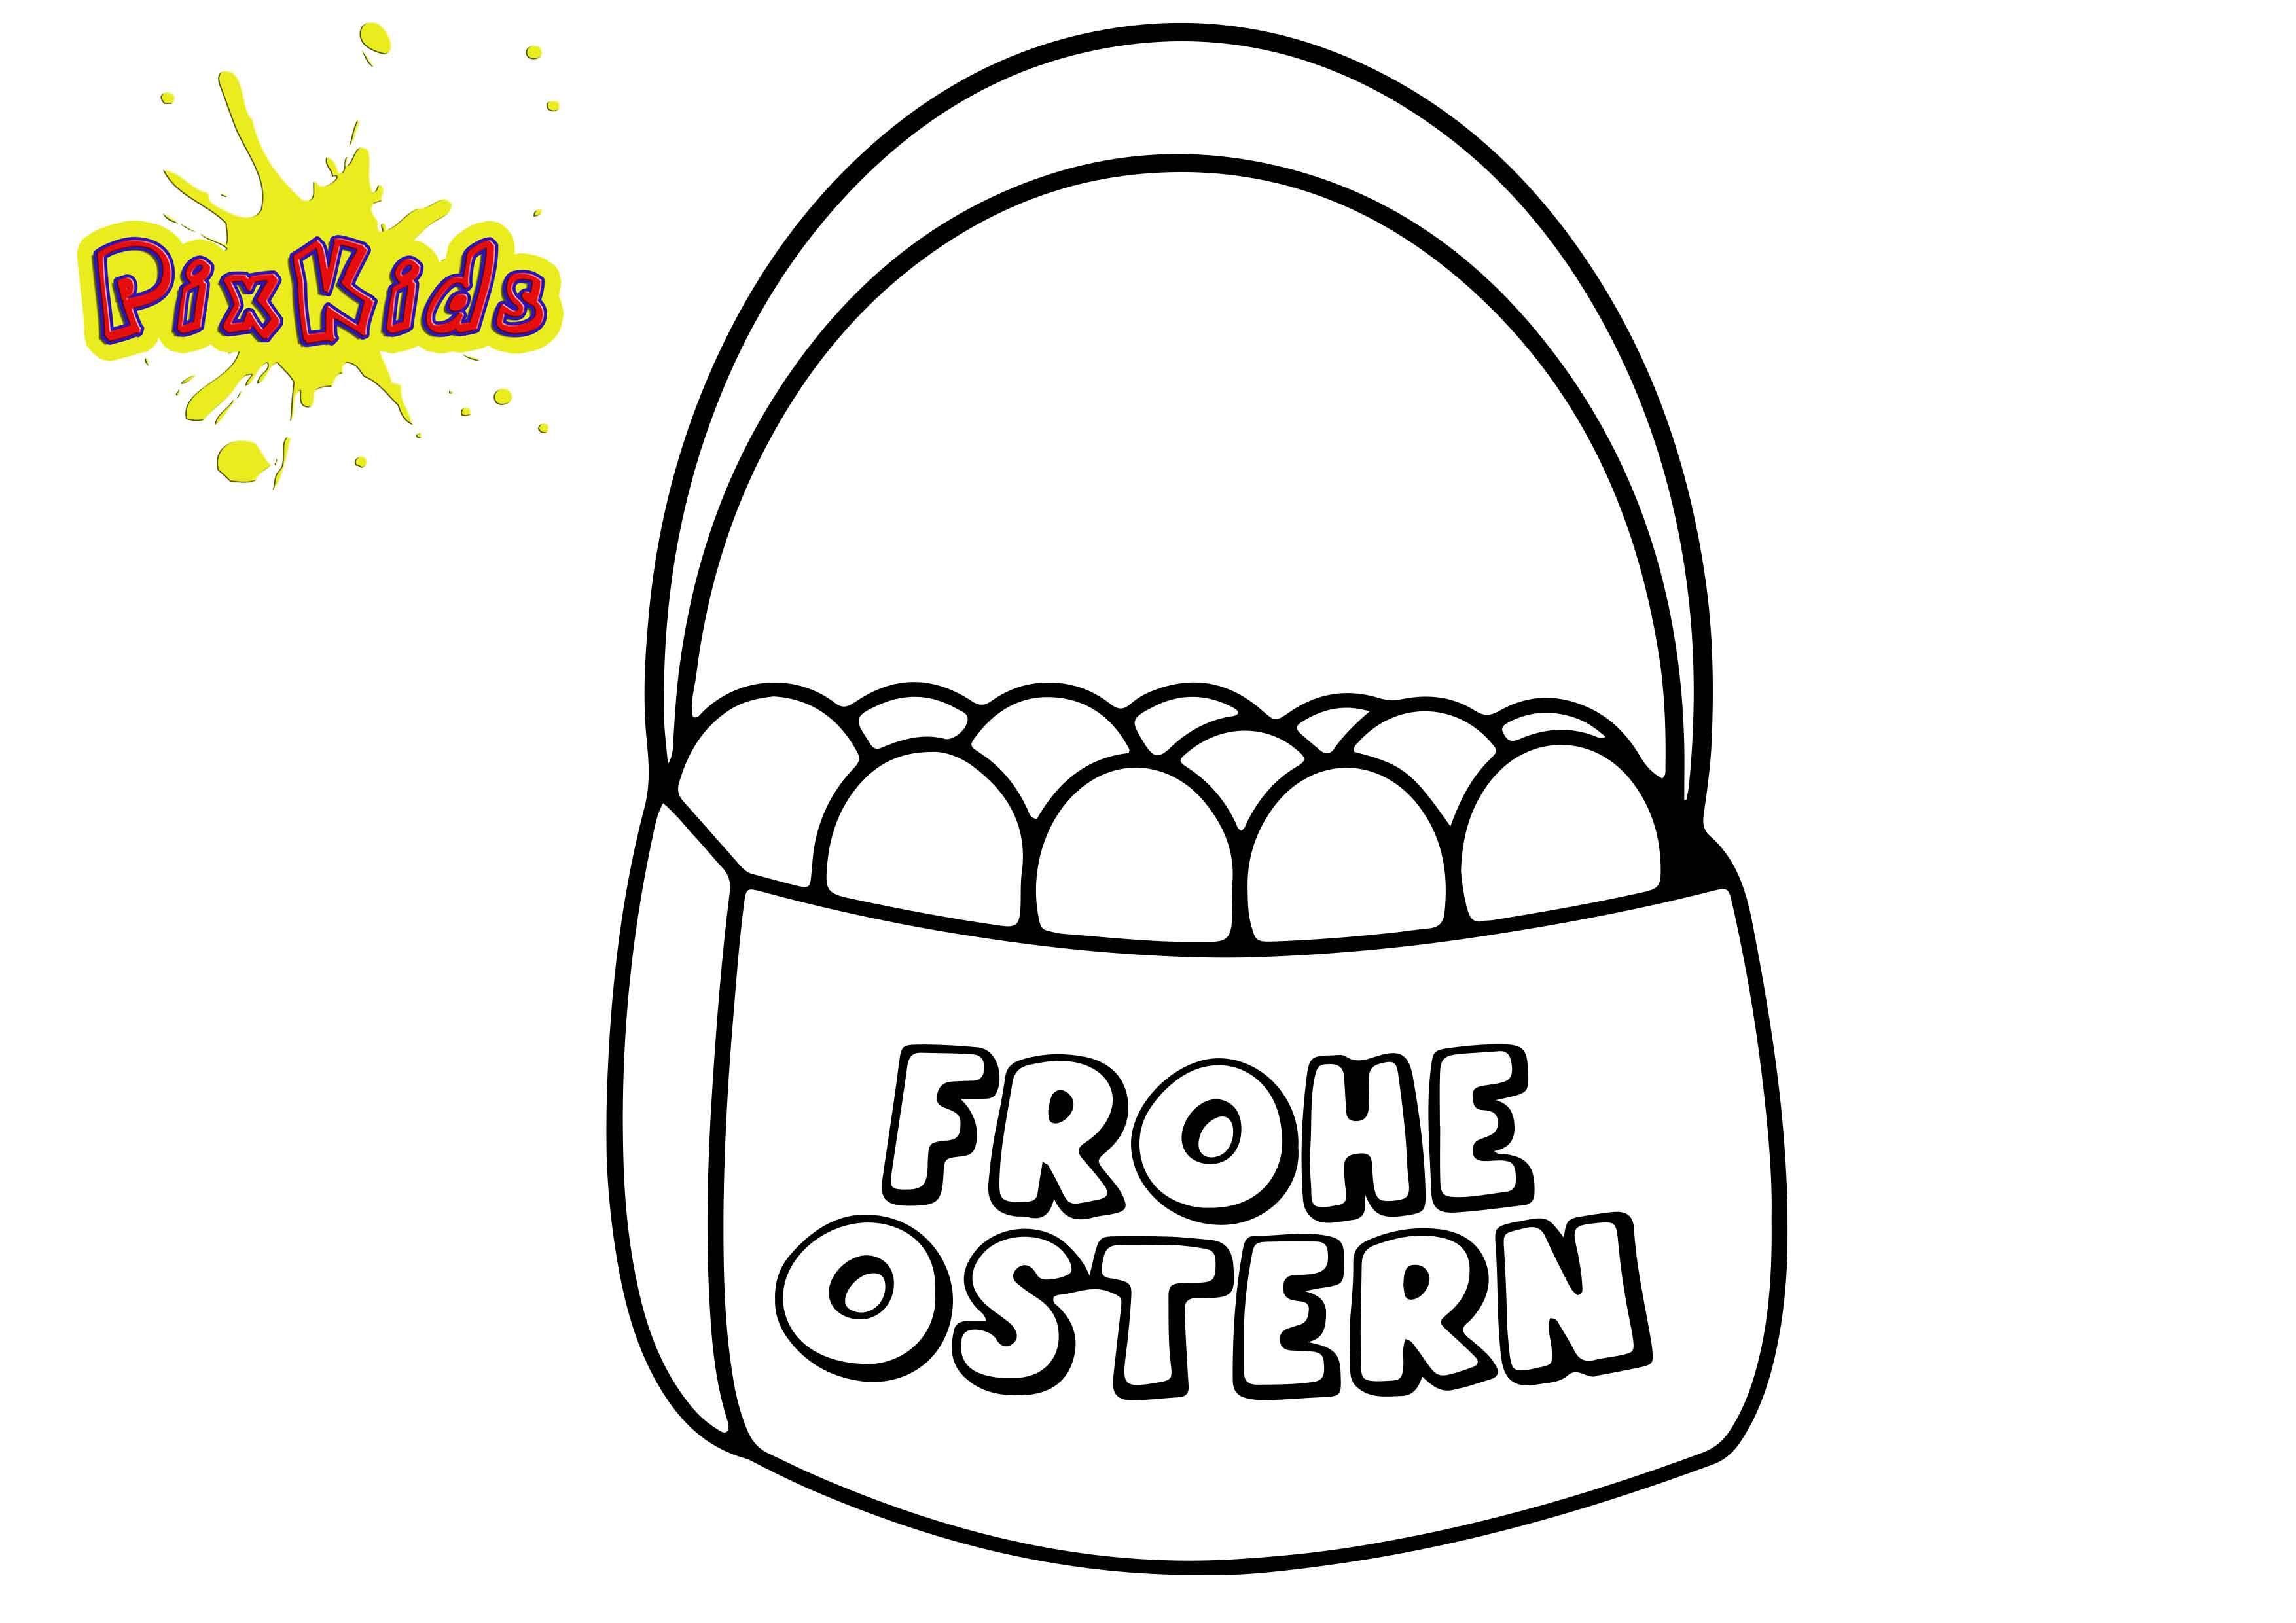 Frohe Ostern Bilder Zum Ausmalen Genial Ausmalbilder Ostern Kostenlos Ausdrucken Elegant Frohe Ostern Galerie